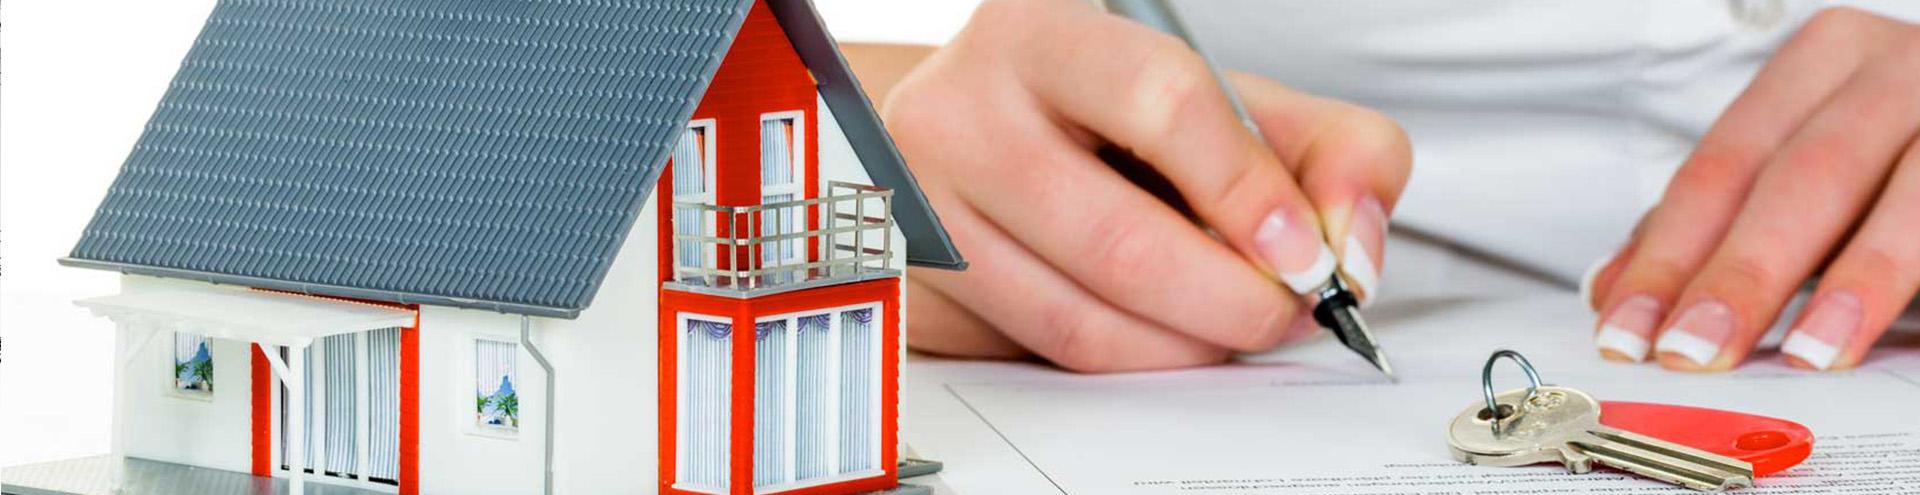 сделки с недвижимостью в Уфе и Республике Башкорстан